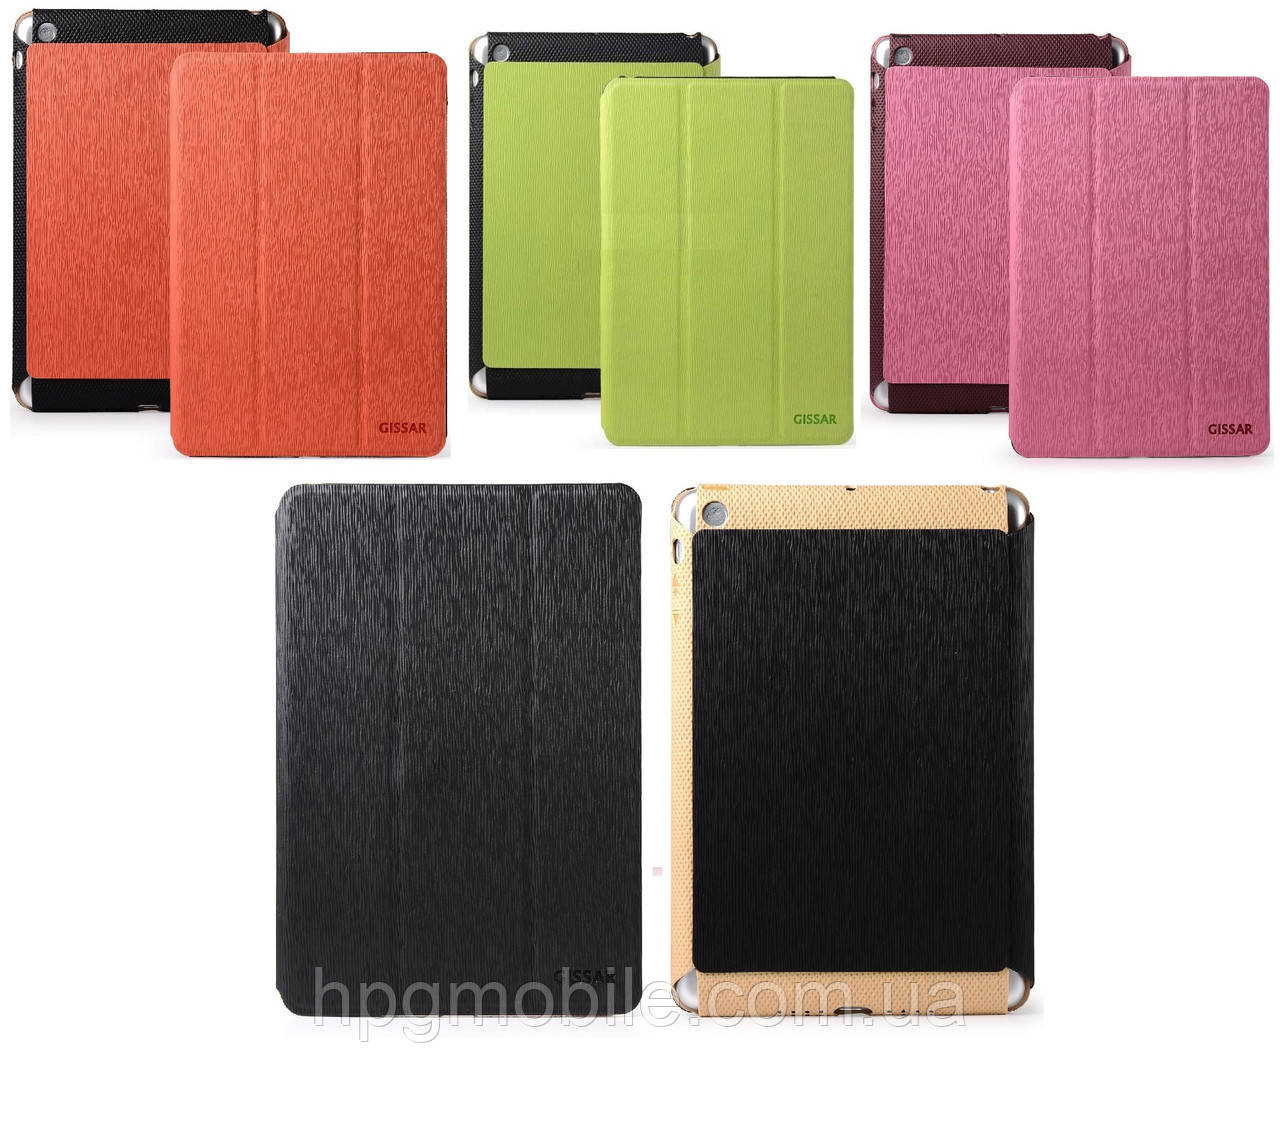 Чехол для iPad mini 1/2/3 Retina - Gissar Wave - HPG Mobile. Комплектующие, запчасти, аксессуары и другие товары по лучшим ценам в Харькове